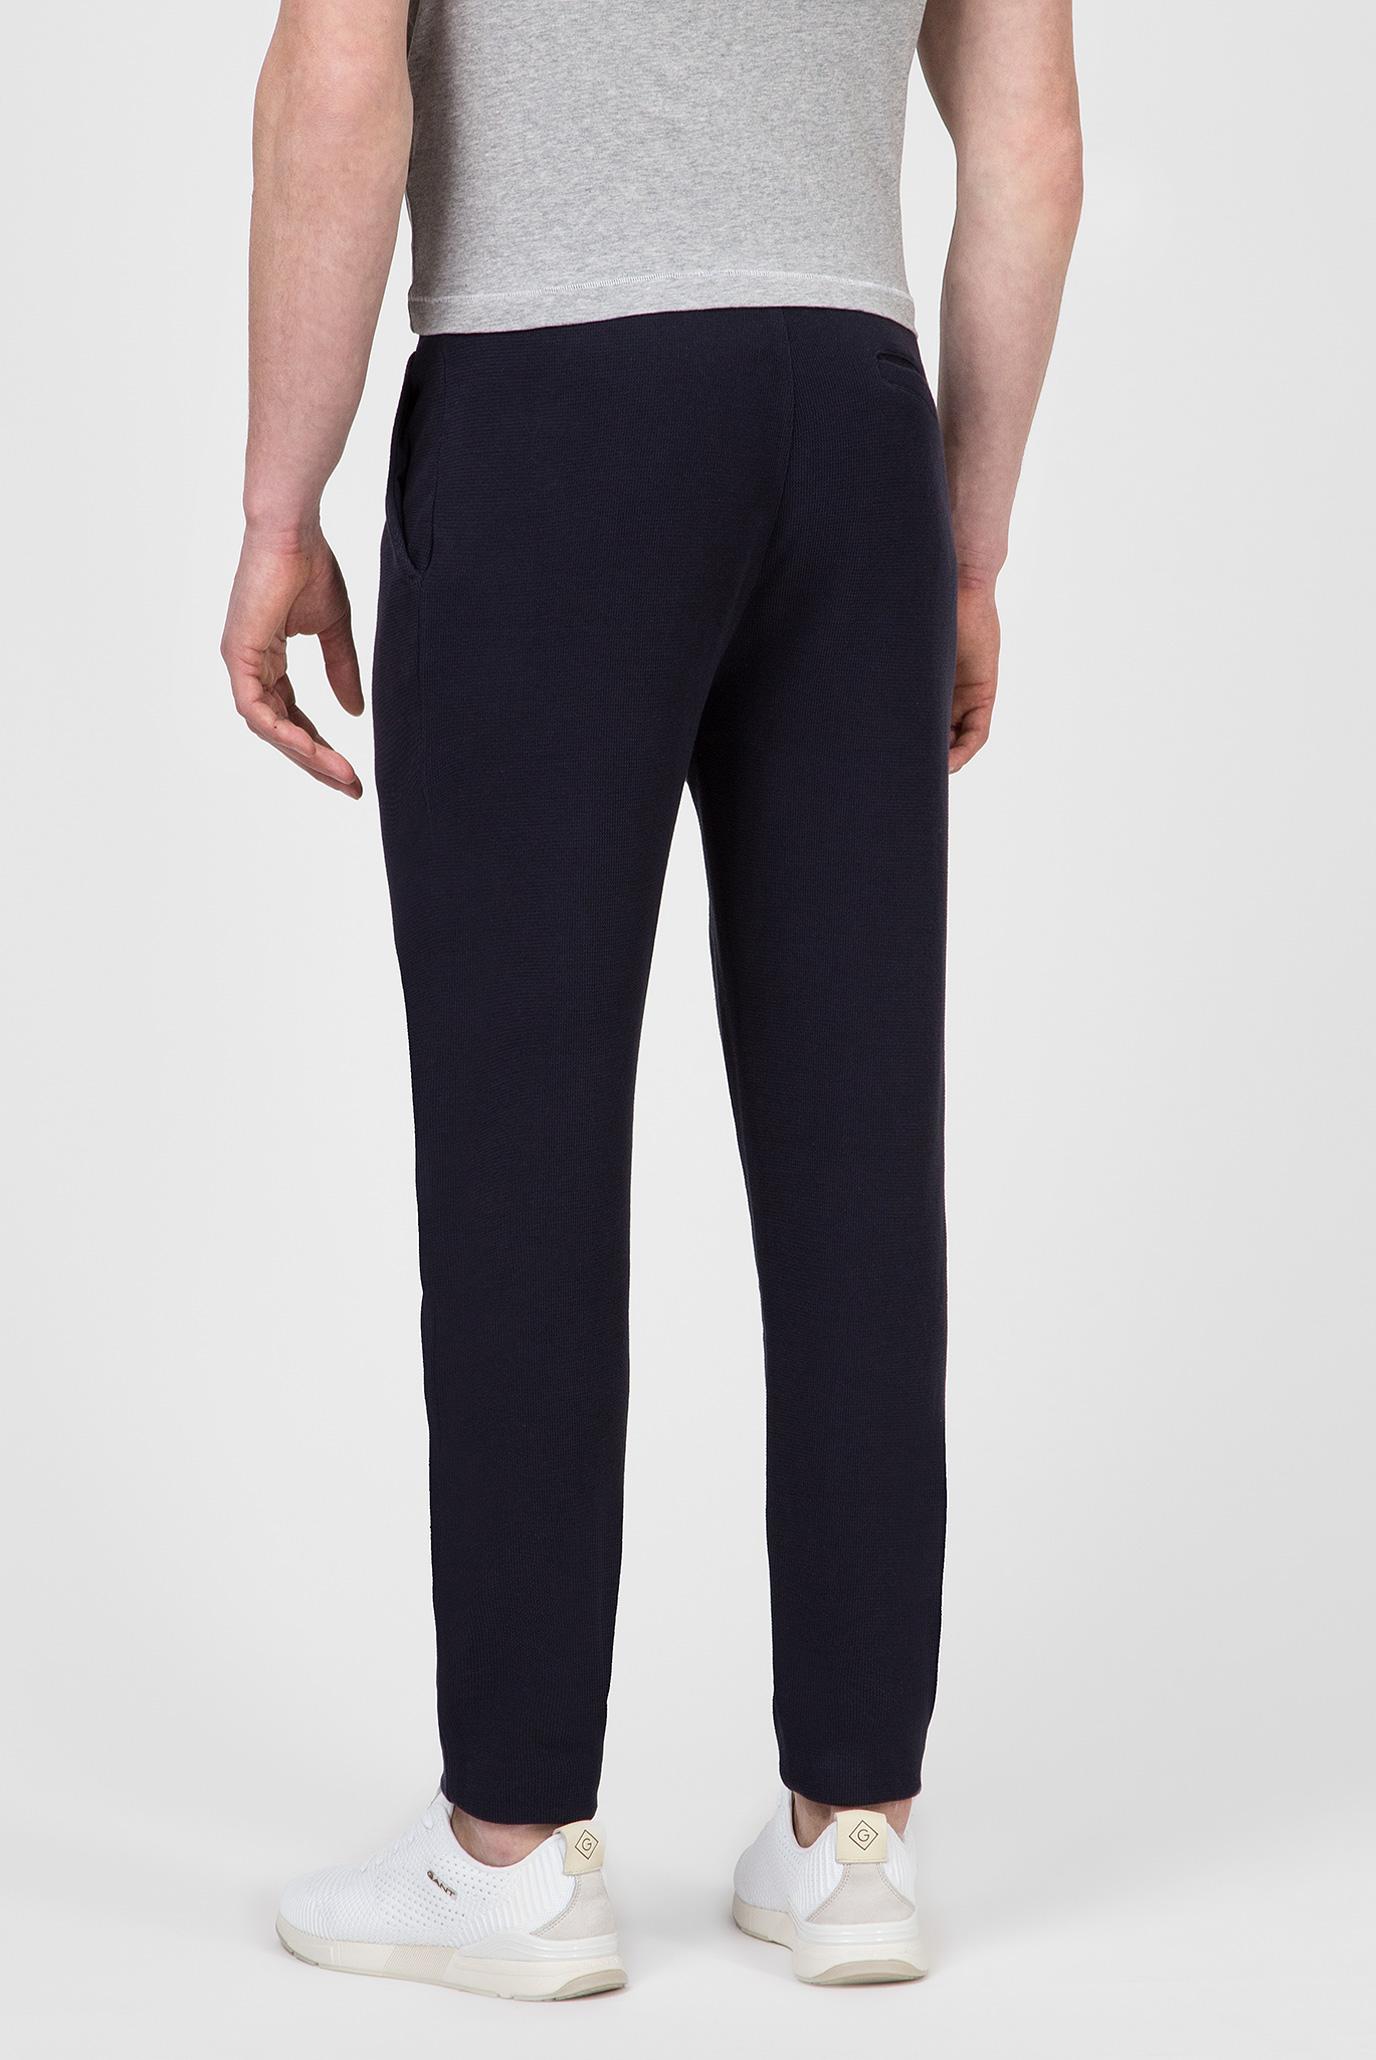 Купить Мужские темно-синие спортивные брюки WAFFLE STRUCTURED PANTS Gant Gant 2049057 – Киев, Украина. Цены в интернет магазине MD Fashion